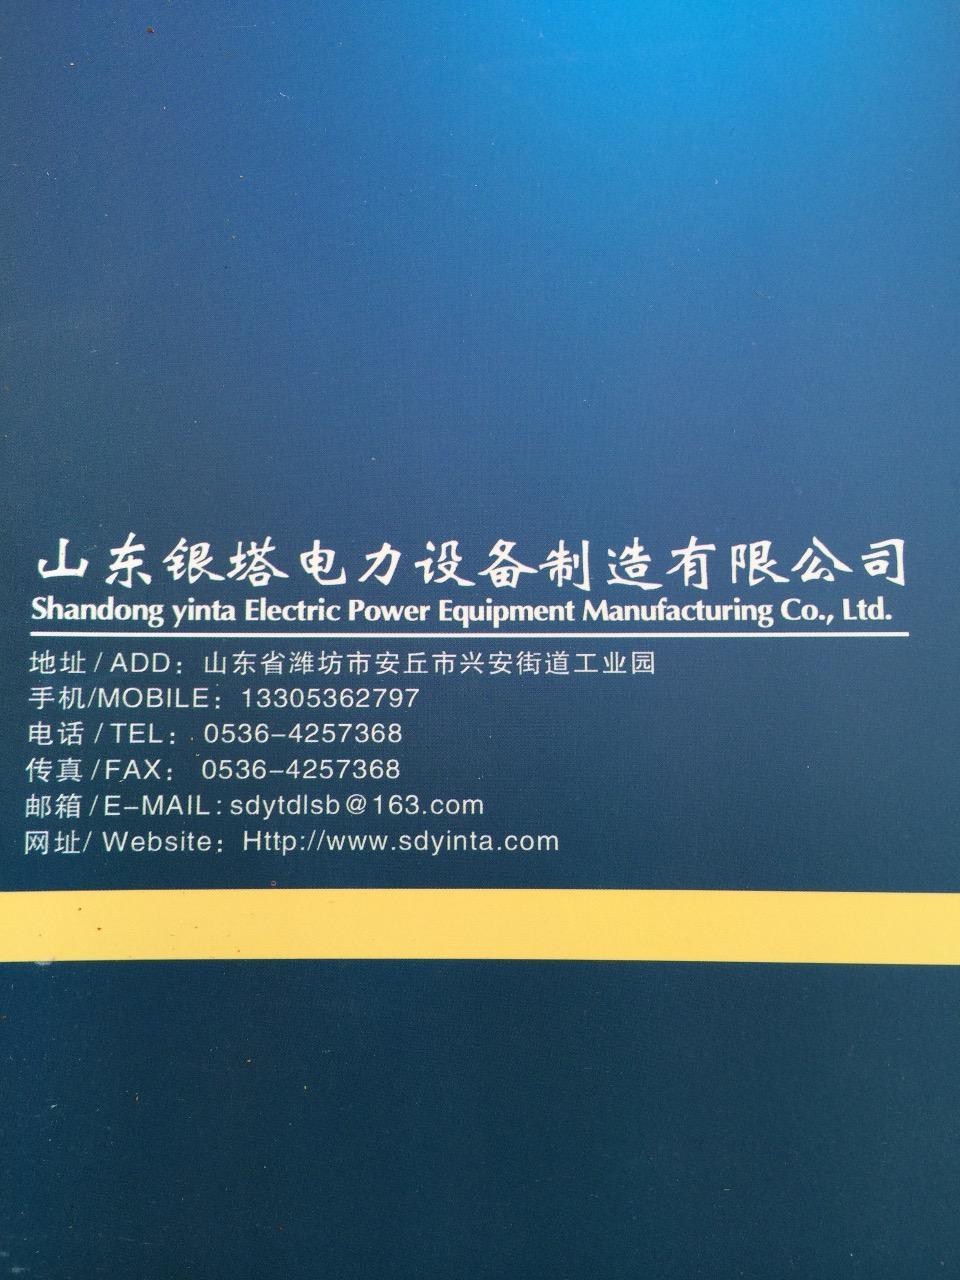 山东银塔电力设备制造有限公司 最新采购和商业信息